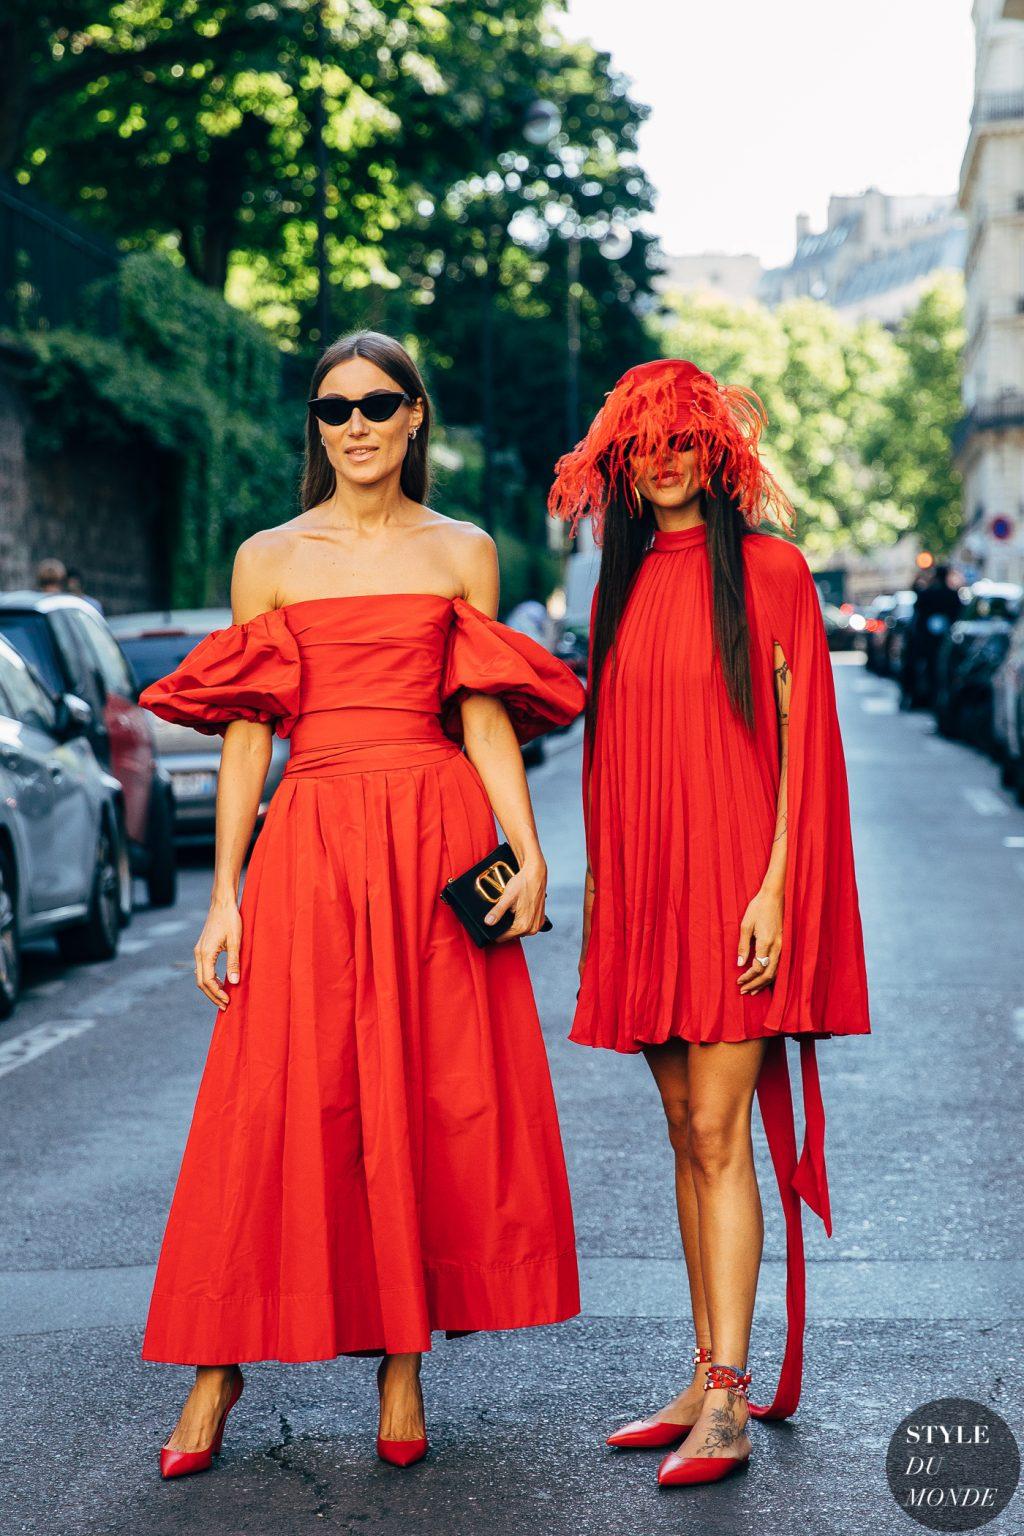 Người mẫu mặc váy cam đỏ cầm clutch đen